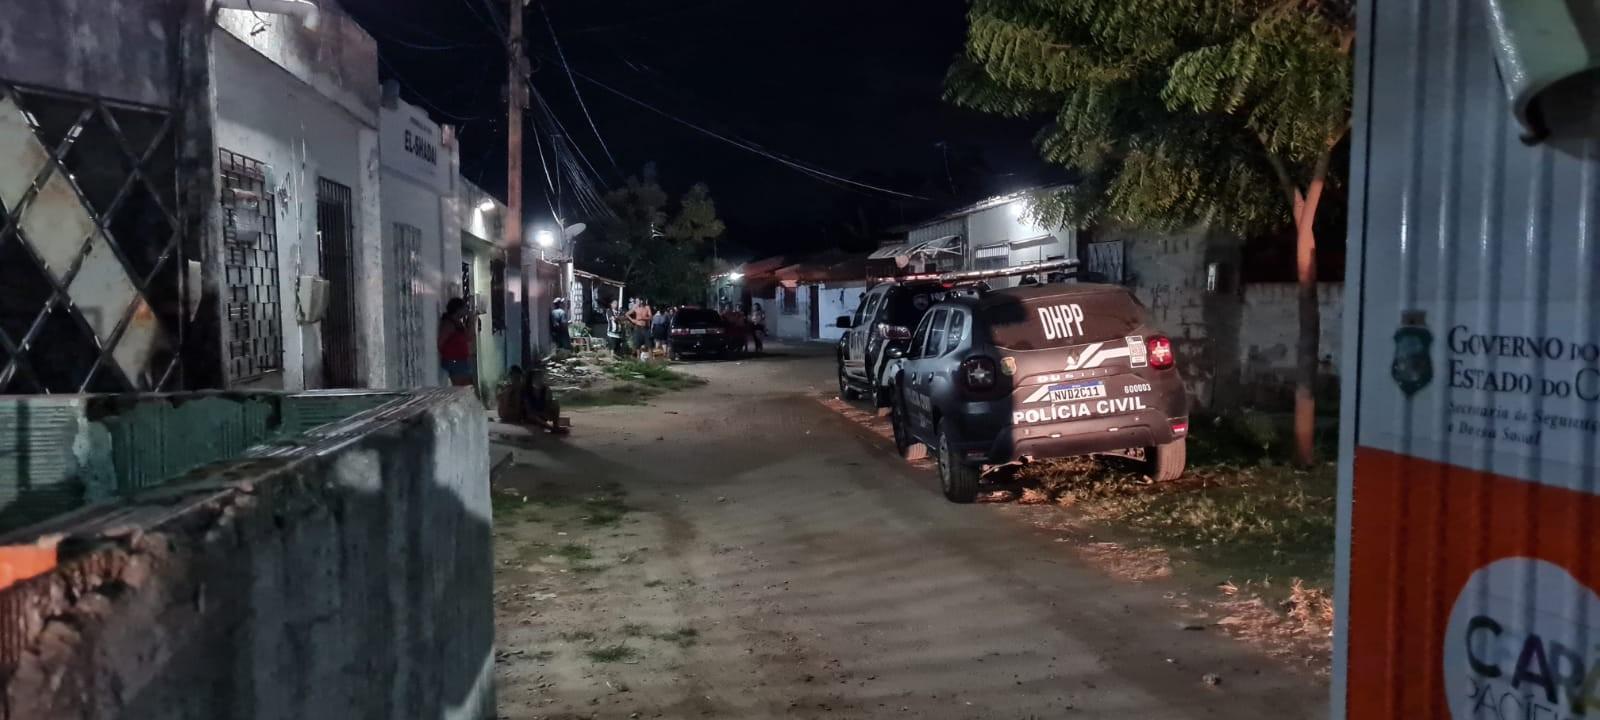 Dez homens armados invadem casa e matam adolescente a tiros na presença da namorada em Fortaleza